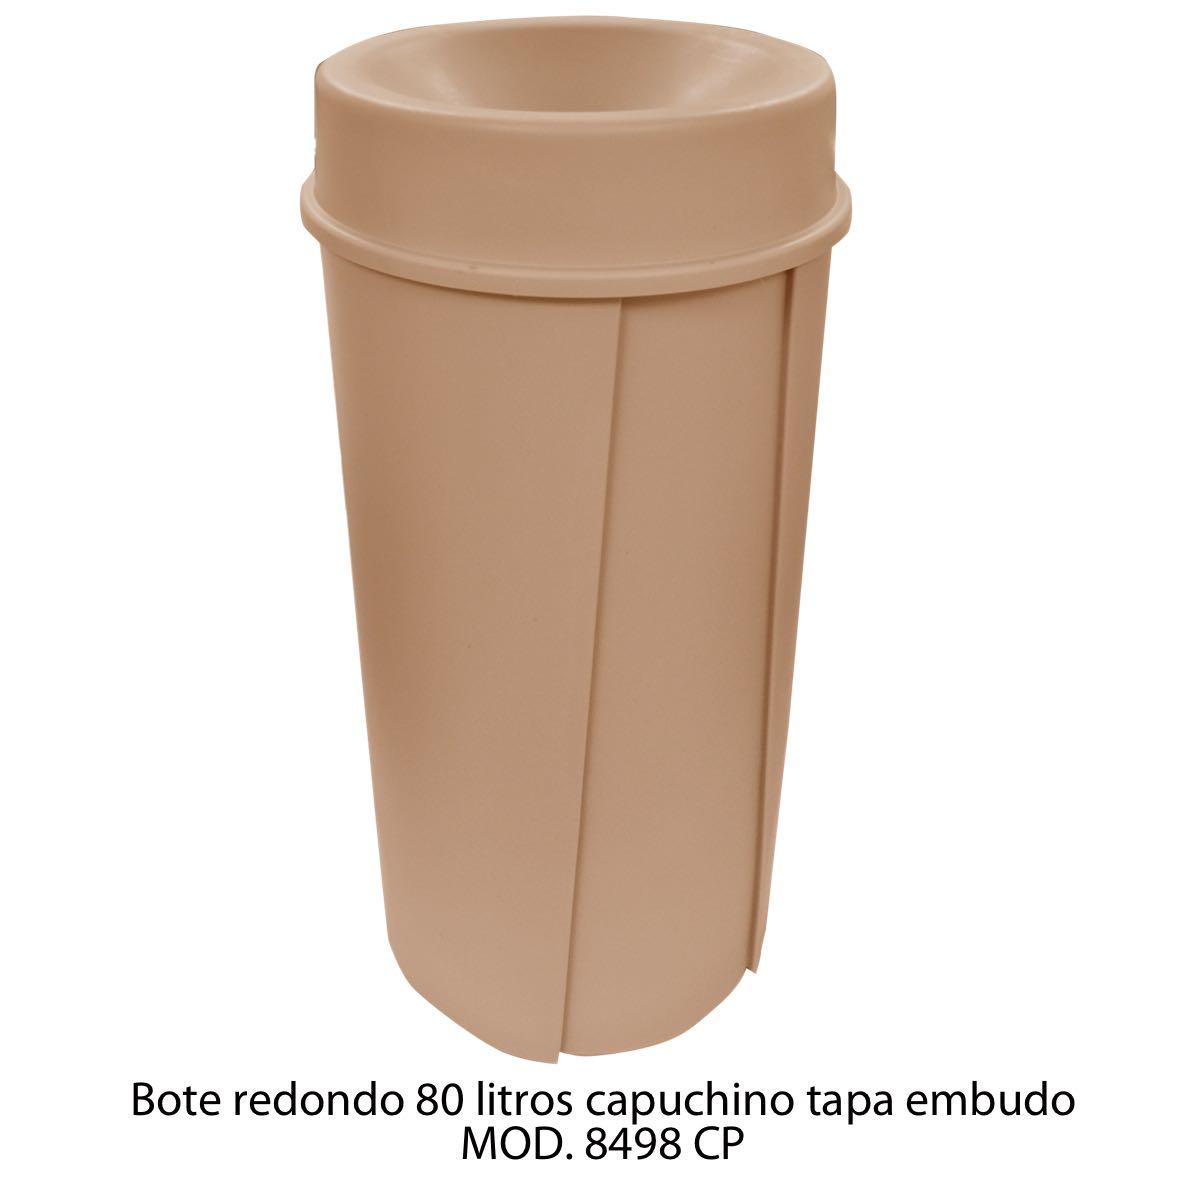 Bote de basura redondo de 80 litros con tapa embudo color cafe modelo 8498 CP Sablón